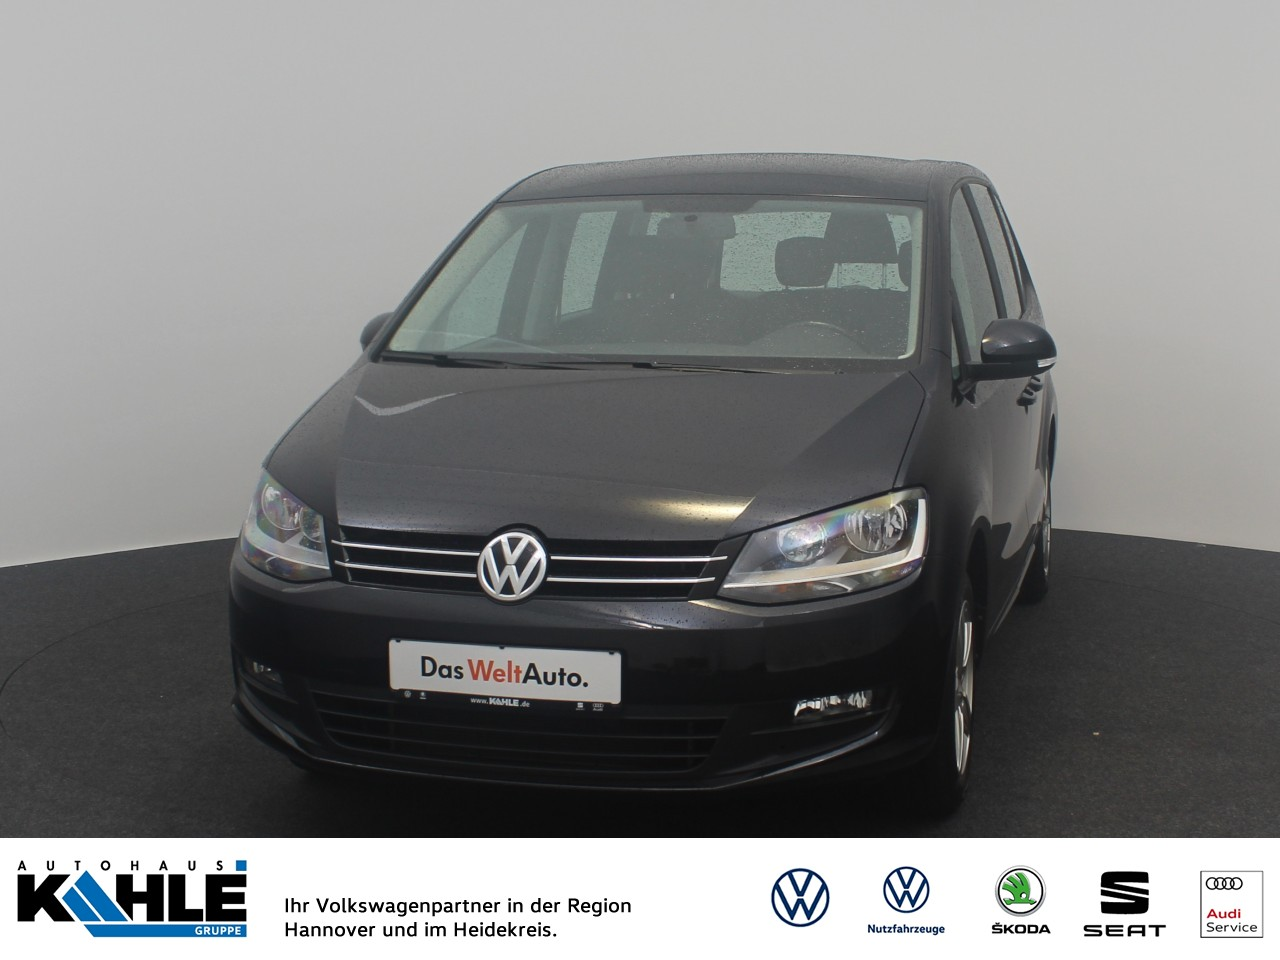 Volkswagen Sharan 1.4 TSI Trendline Navi Klima PDC LM, Jahr 2018, Benzin